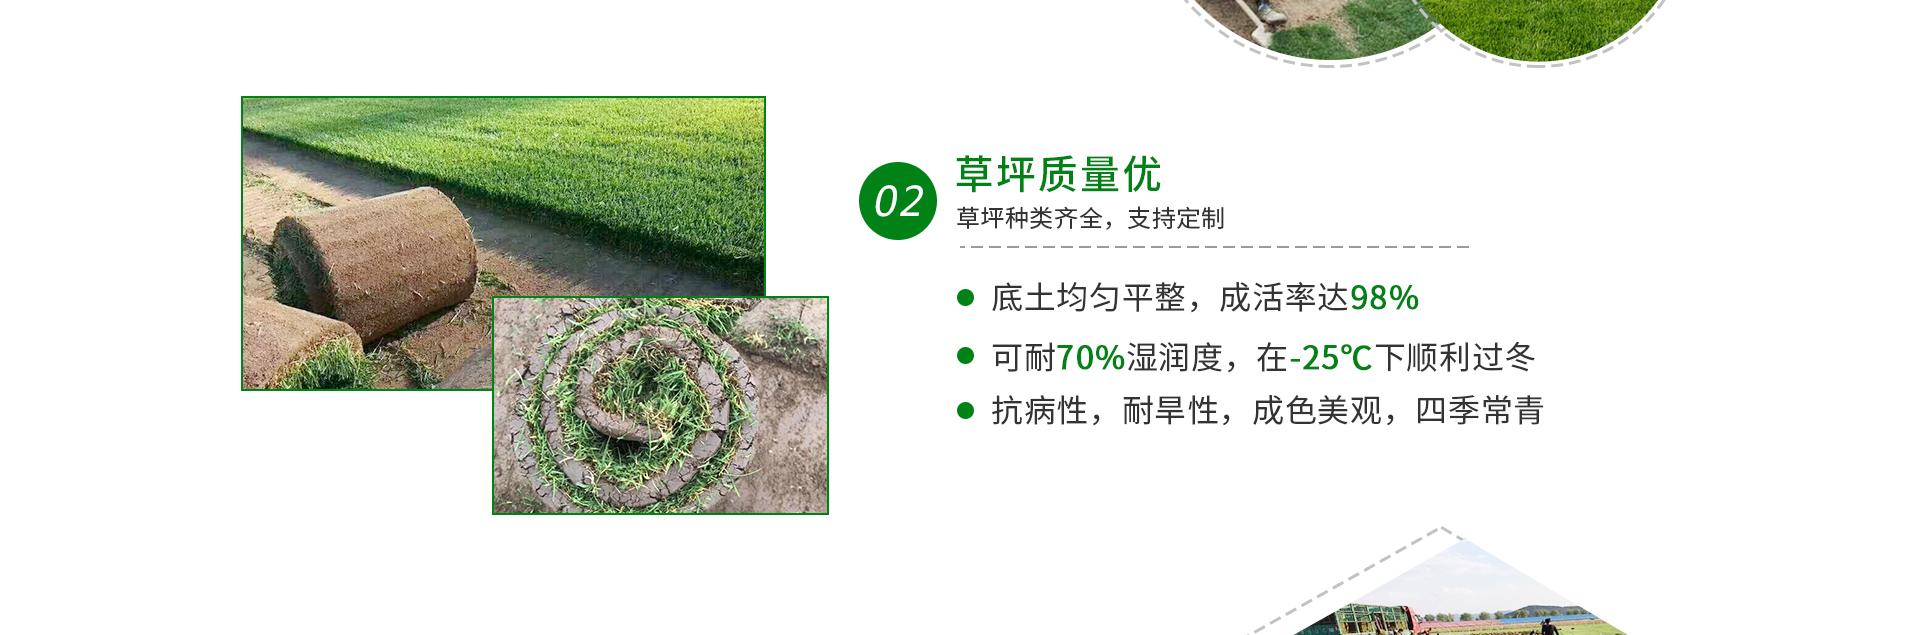 重庆真草坪价格